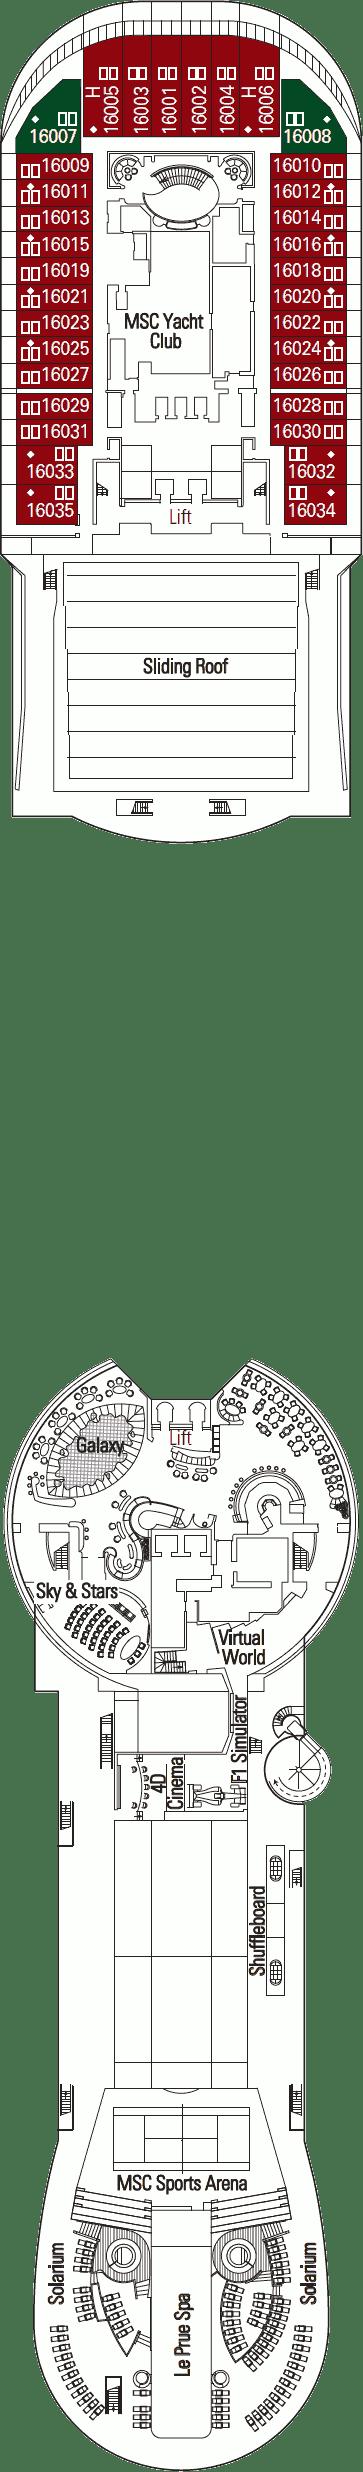 Acquamarina Deck